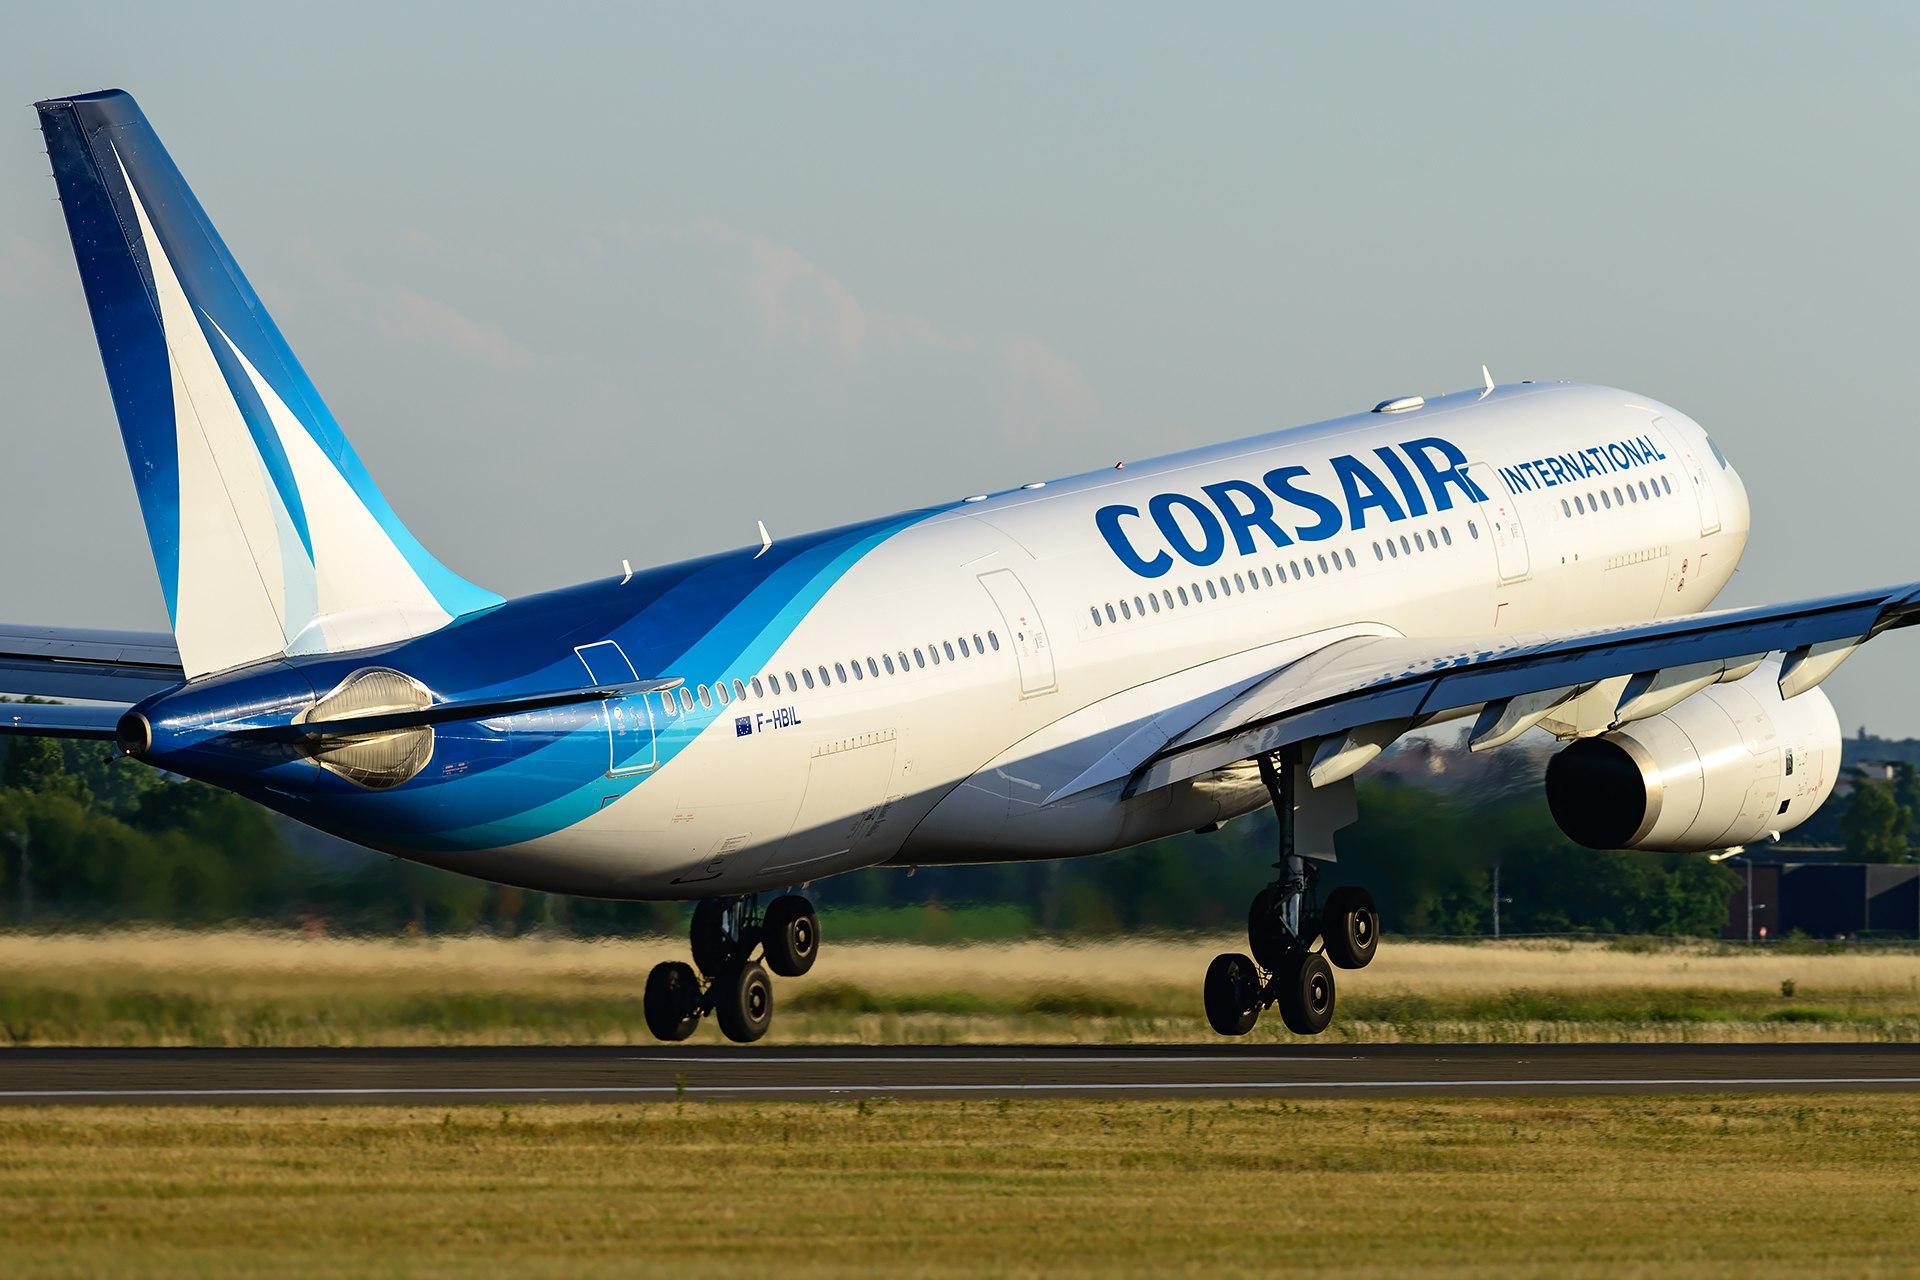 Airbus A330 Corsair